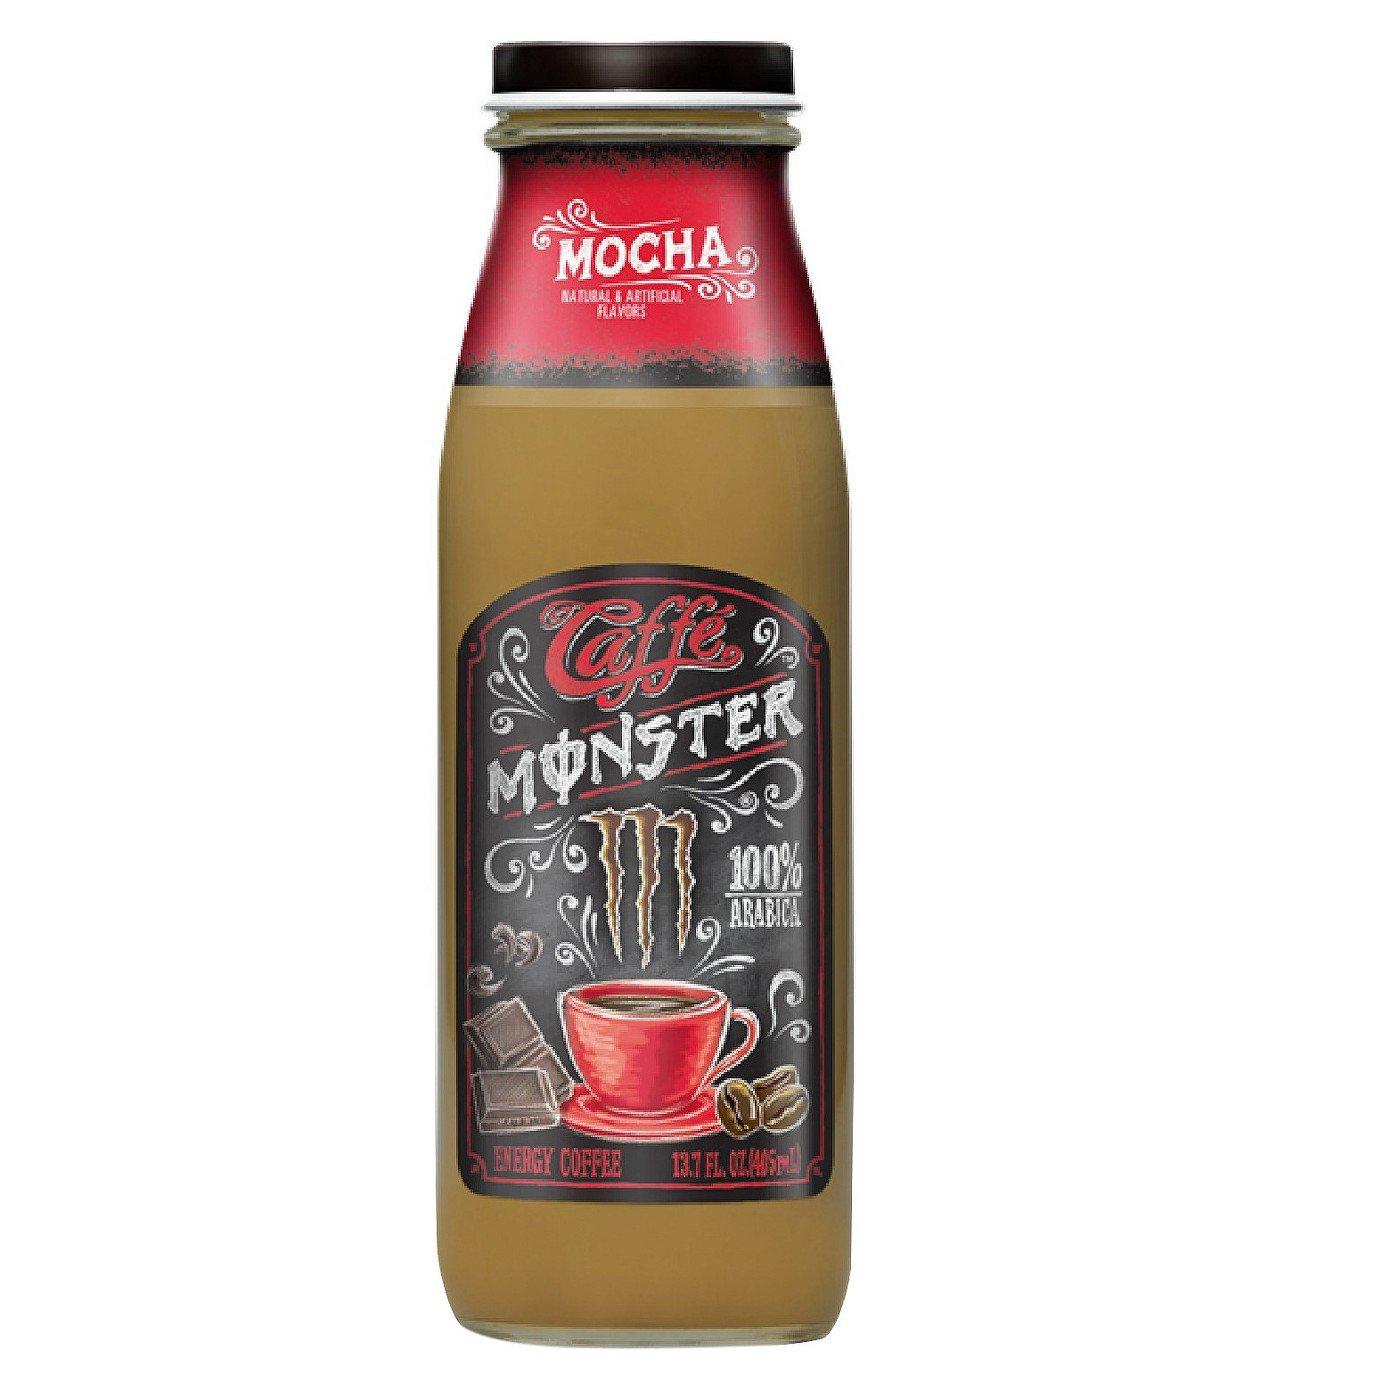 Caffe Monster, Mocha - 13.7 fl oz Glass Bottle (Pack of 8) by Monster Energy (Image #1)